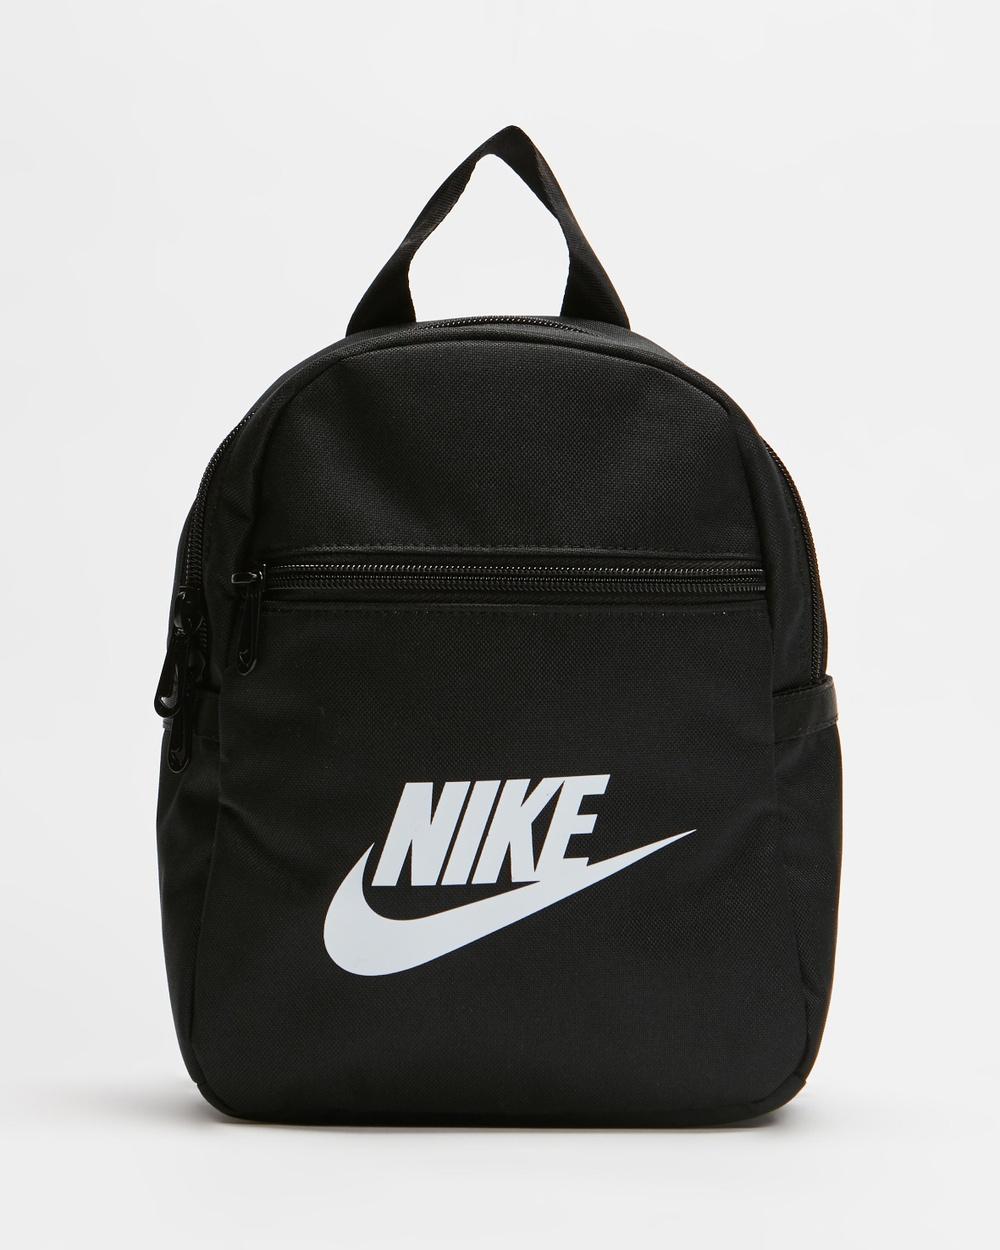 Nike Sportswear Futura 365 Mini Backpack Backpacks Black, Black & White